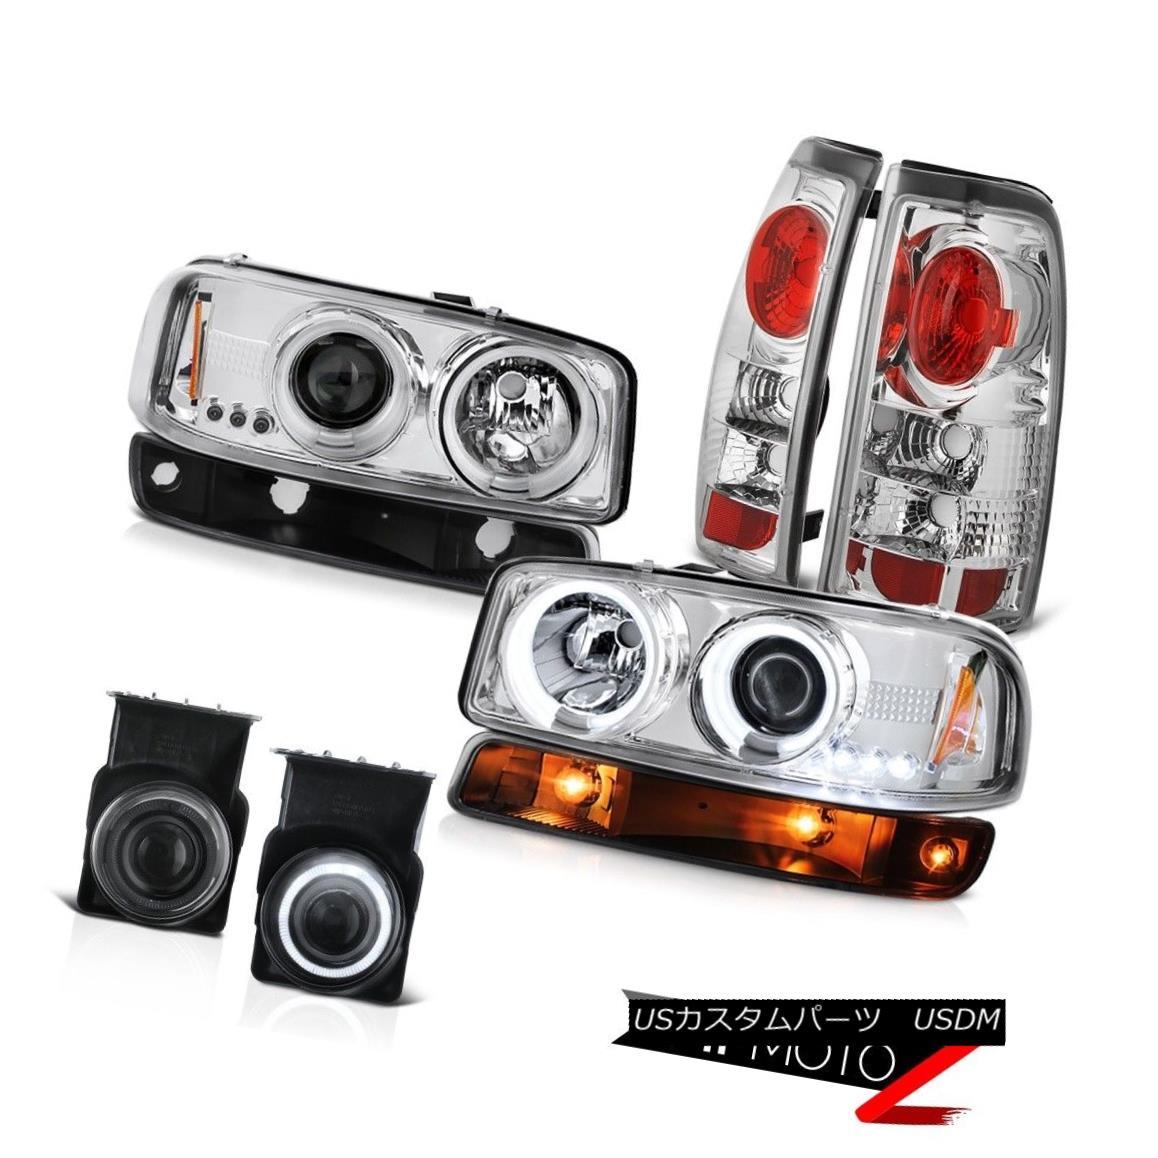 テールライト 03-06 Sierra 5.3L Foglights euro chrome taillights bumper lamp ccfl headlamps 03-06 Sierra 5.3L Foglightsユーロクロームテールライトバンパーランプccflヘッドライト